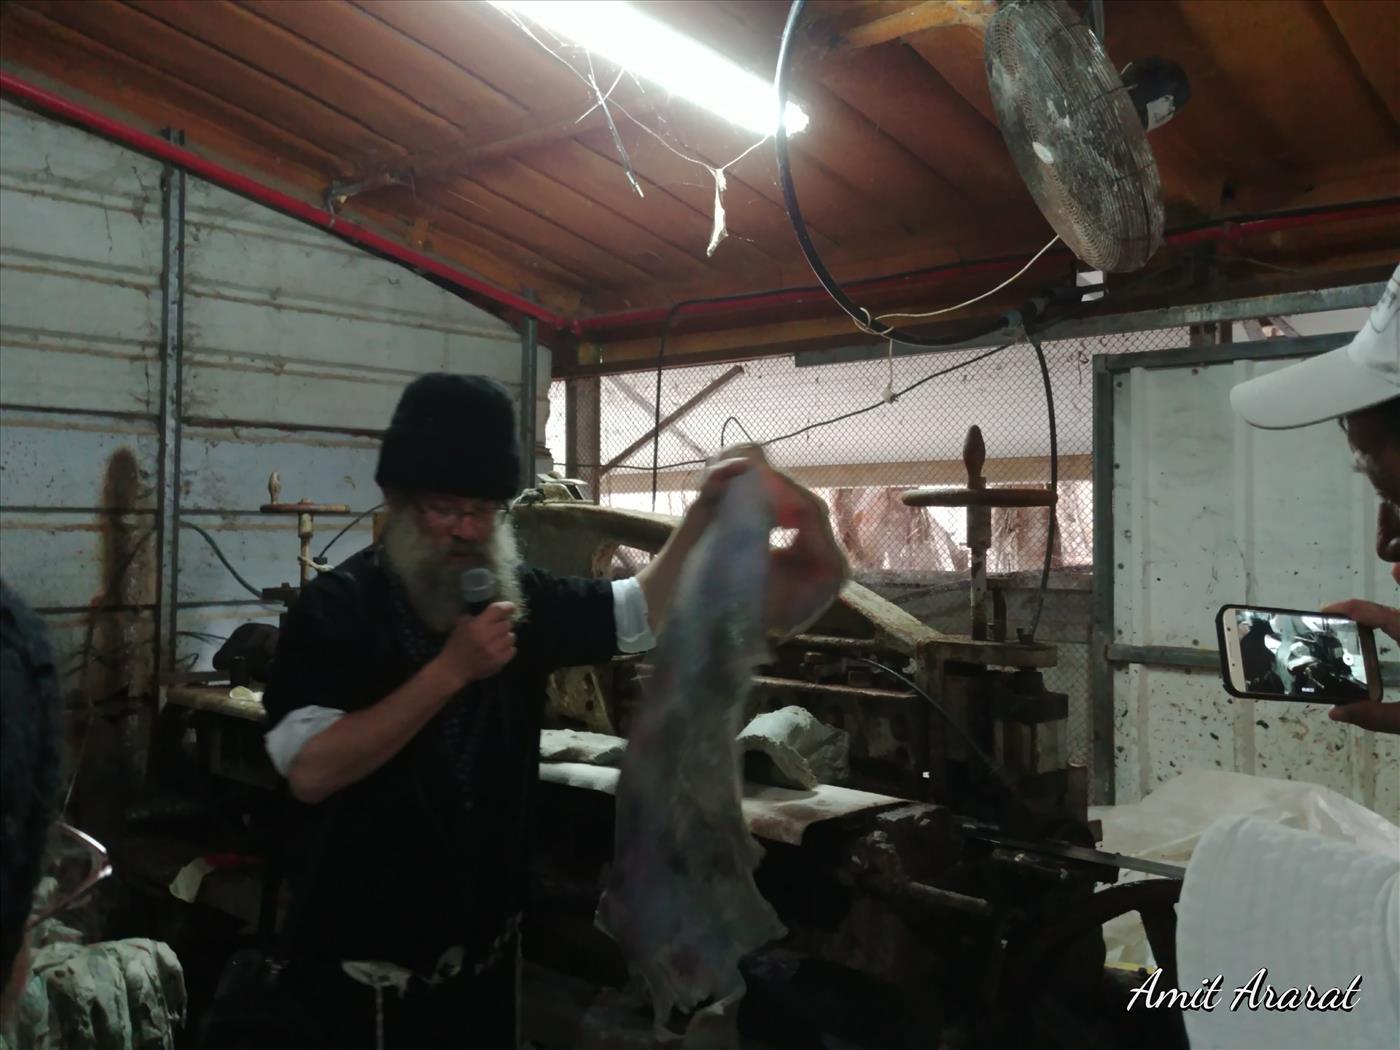 מפעל לייצור תפילין בקוממיות (עמית אררט)